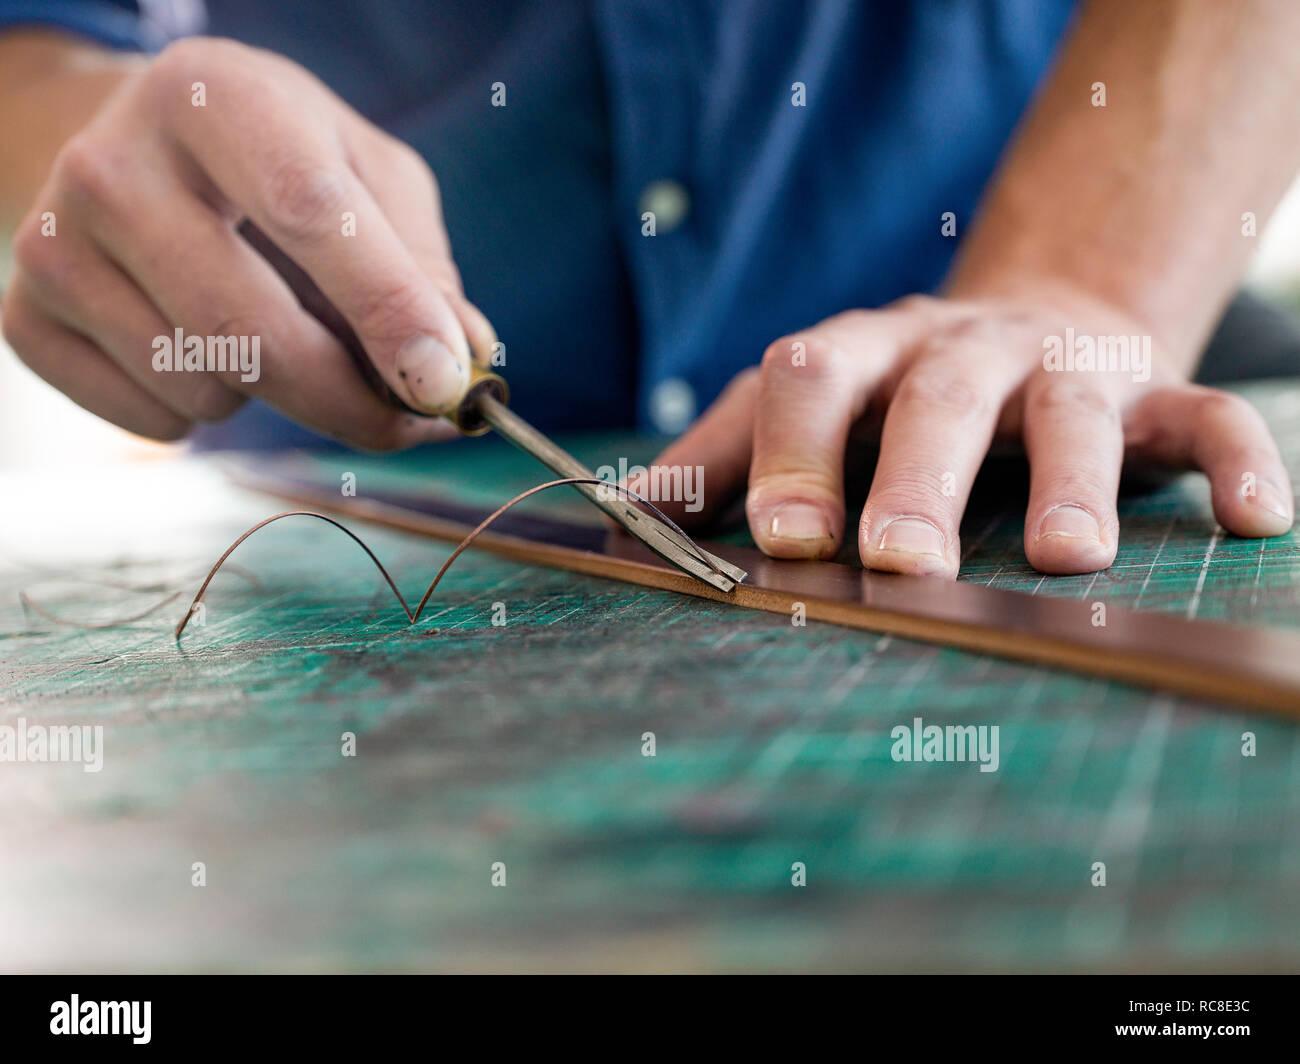 Leatherworker en cuir de fraisage pour sac bracelet en atelier, Close up of hands Banque D'Images